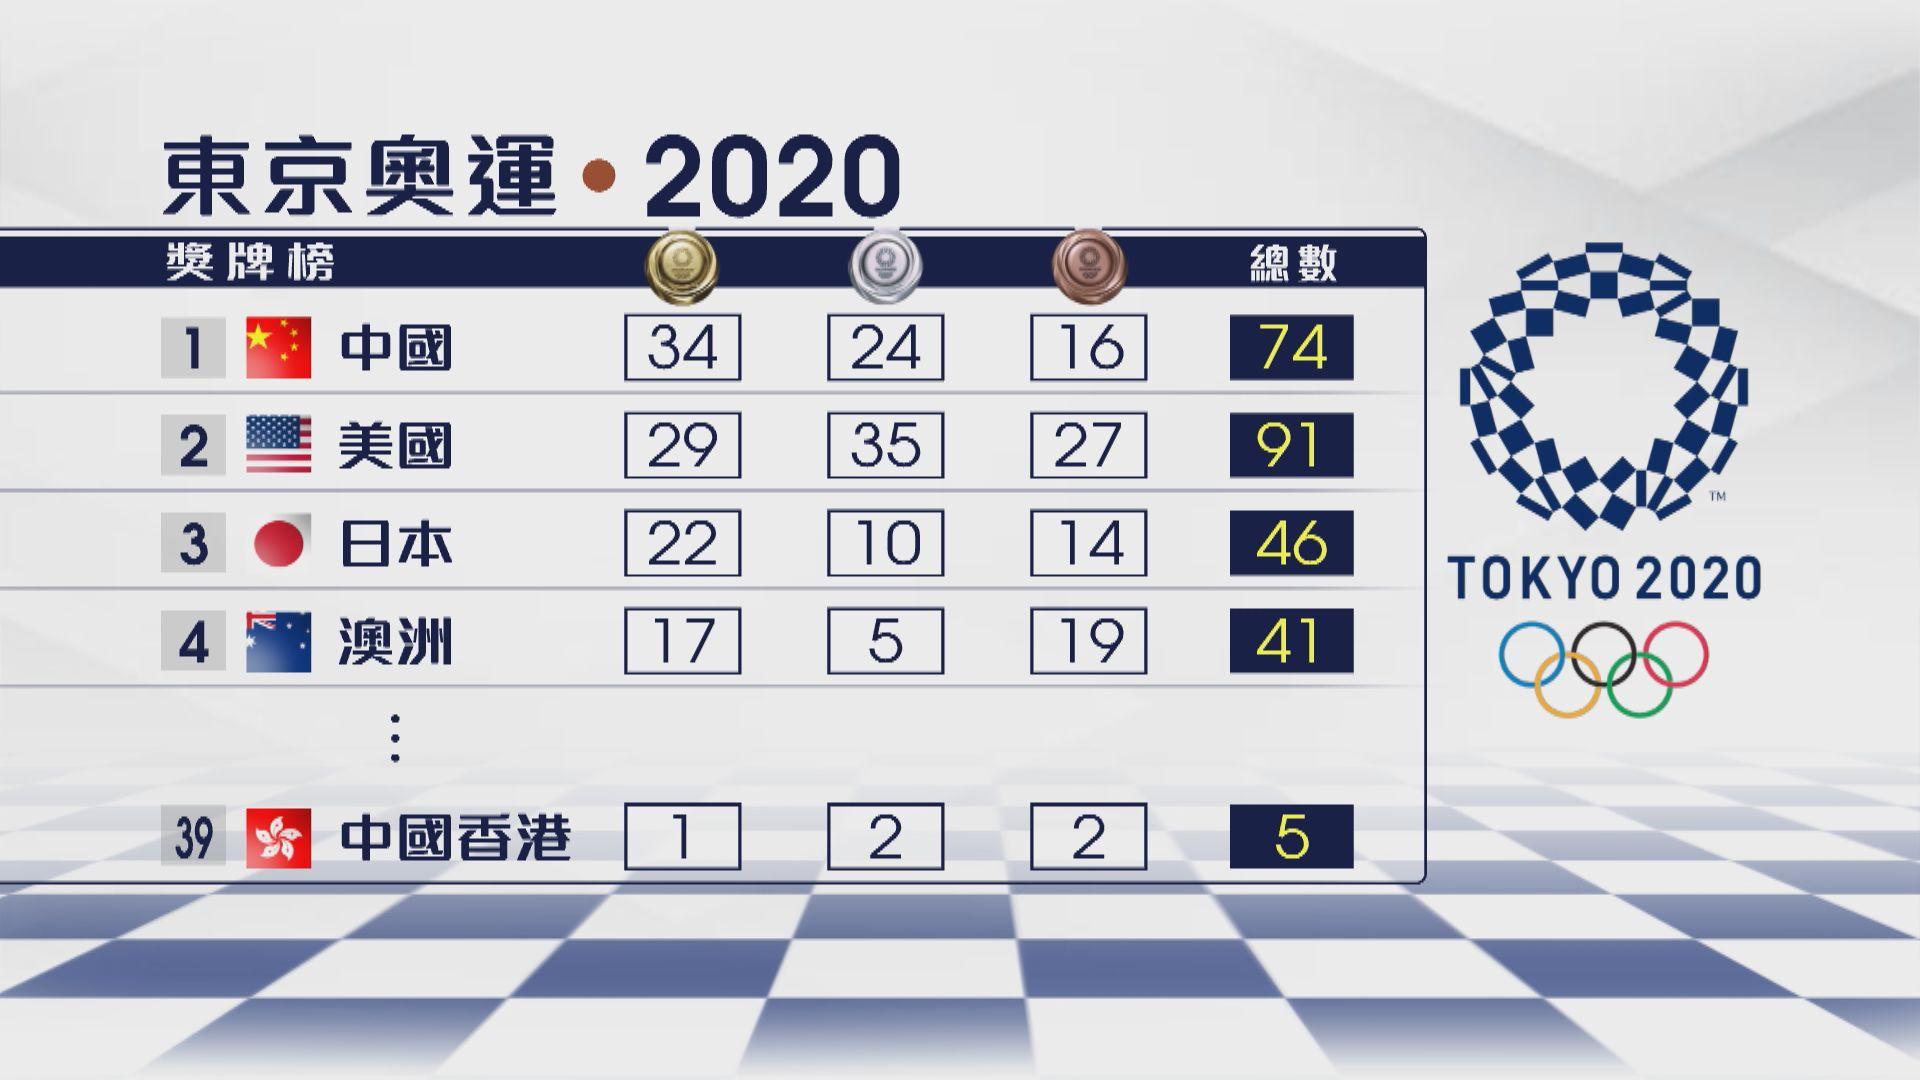 【奧運獎牌榜】國家隊添兩金續領先 港隊增兩銅排39位